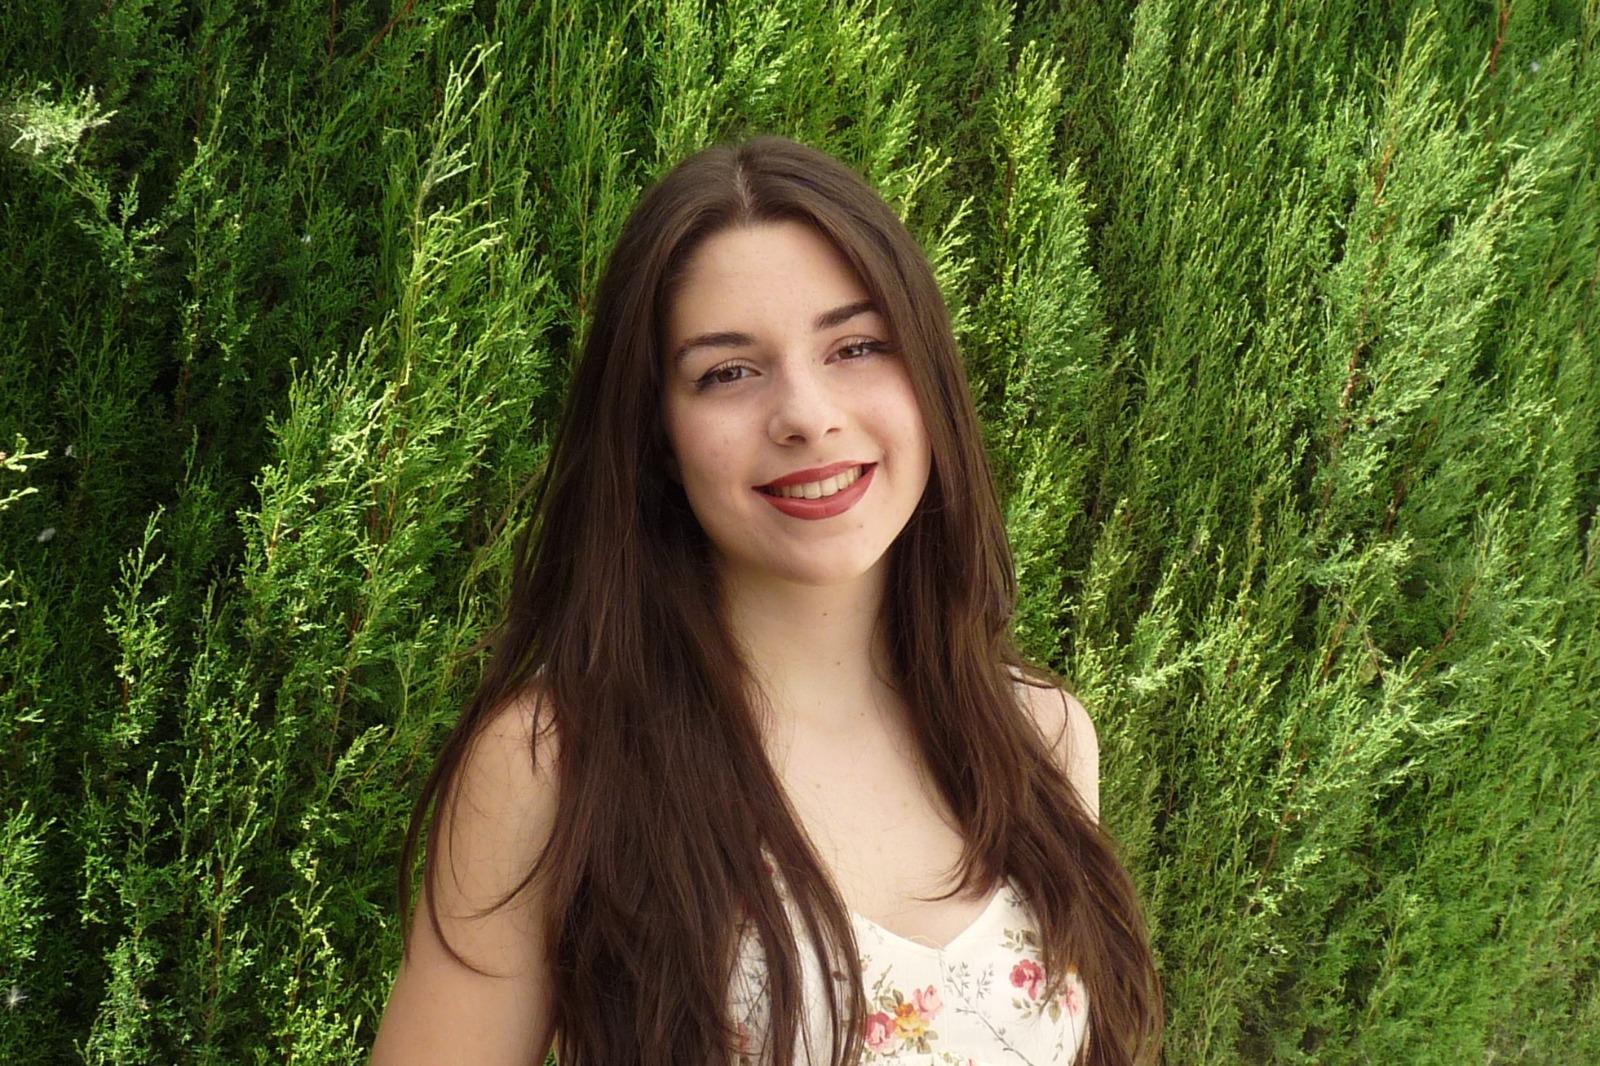 Cúllar Vega felicita a su vecina Minerva Bermúdez, alumna del IES Arabuleila con la mejor nota de Granada en la PEvAU